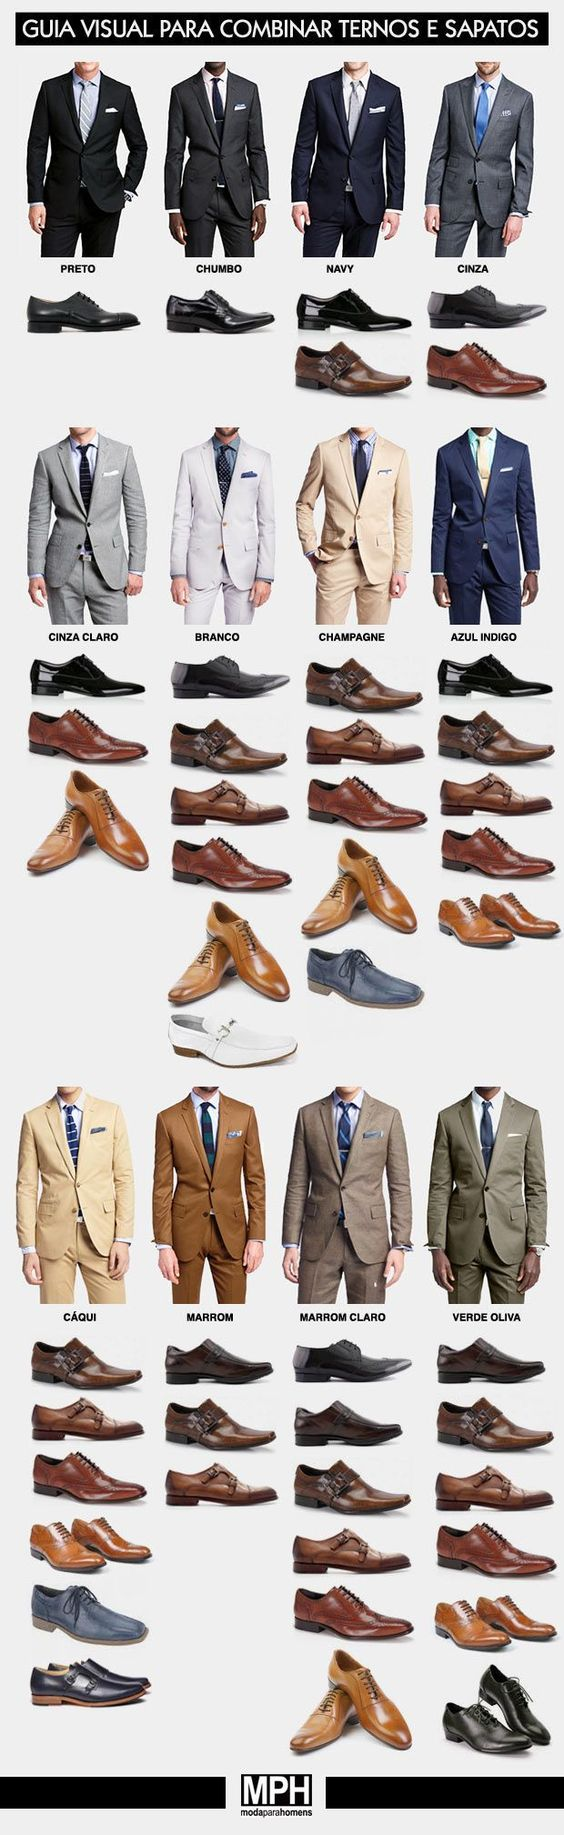 como combinar ternos masculinos: